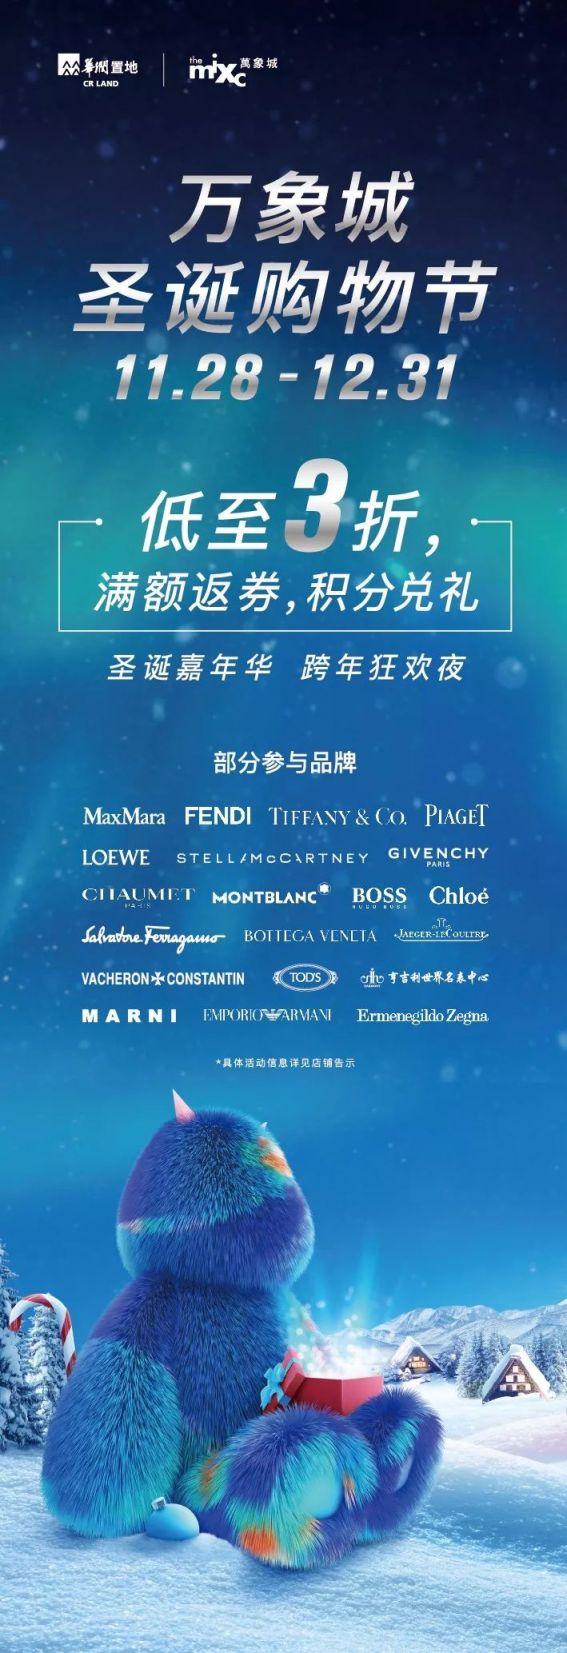 2019杭州万象城圣诞节购物优惠(时间地点 优惠内容)